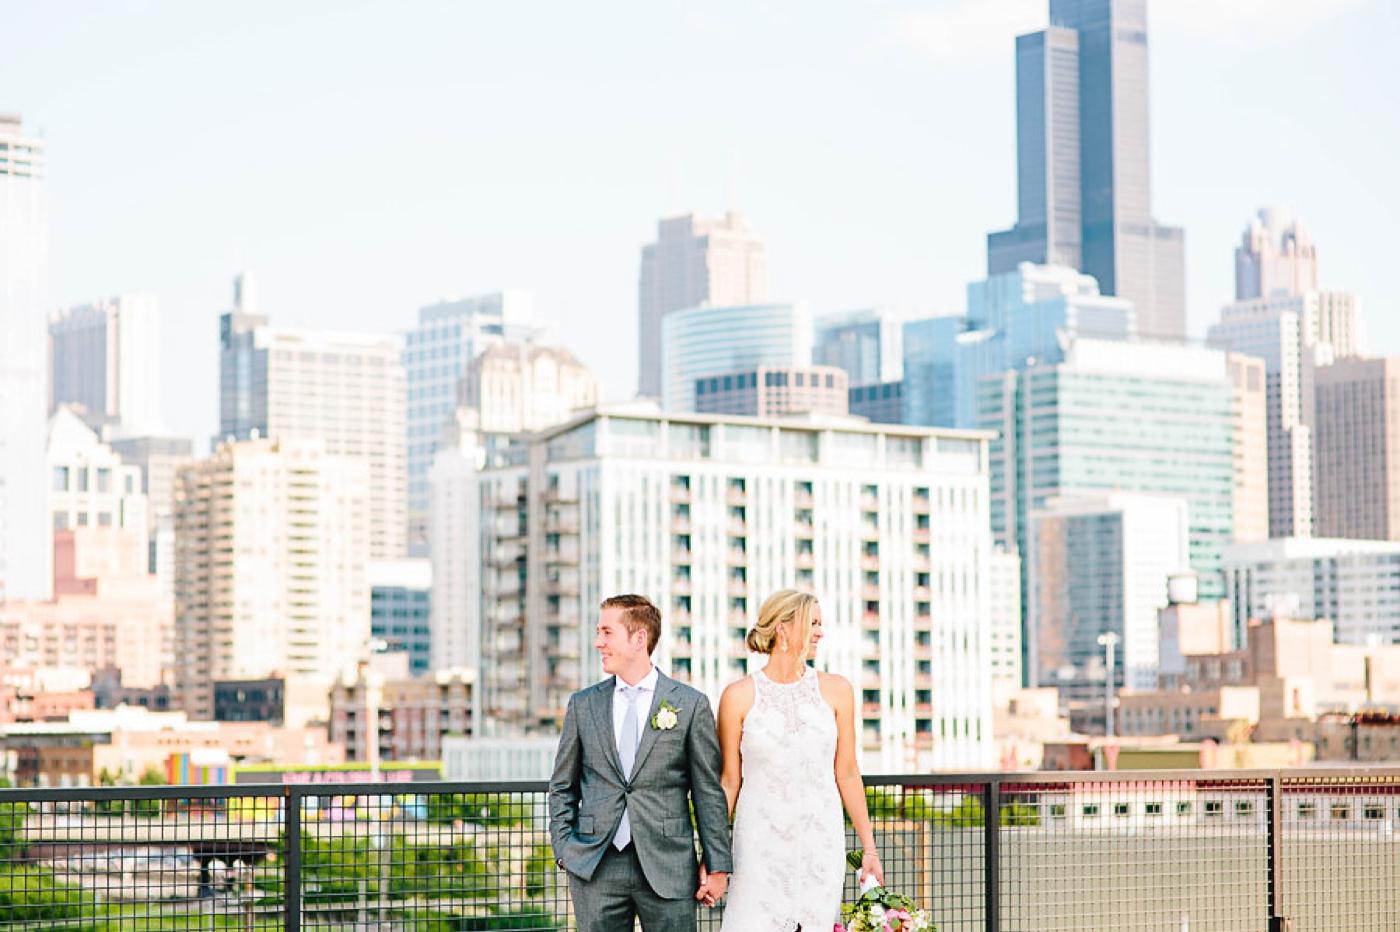 chicago-fine-art-wedding-photography-hrebic20